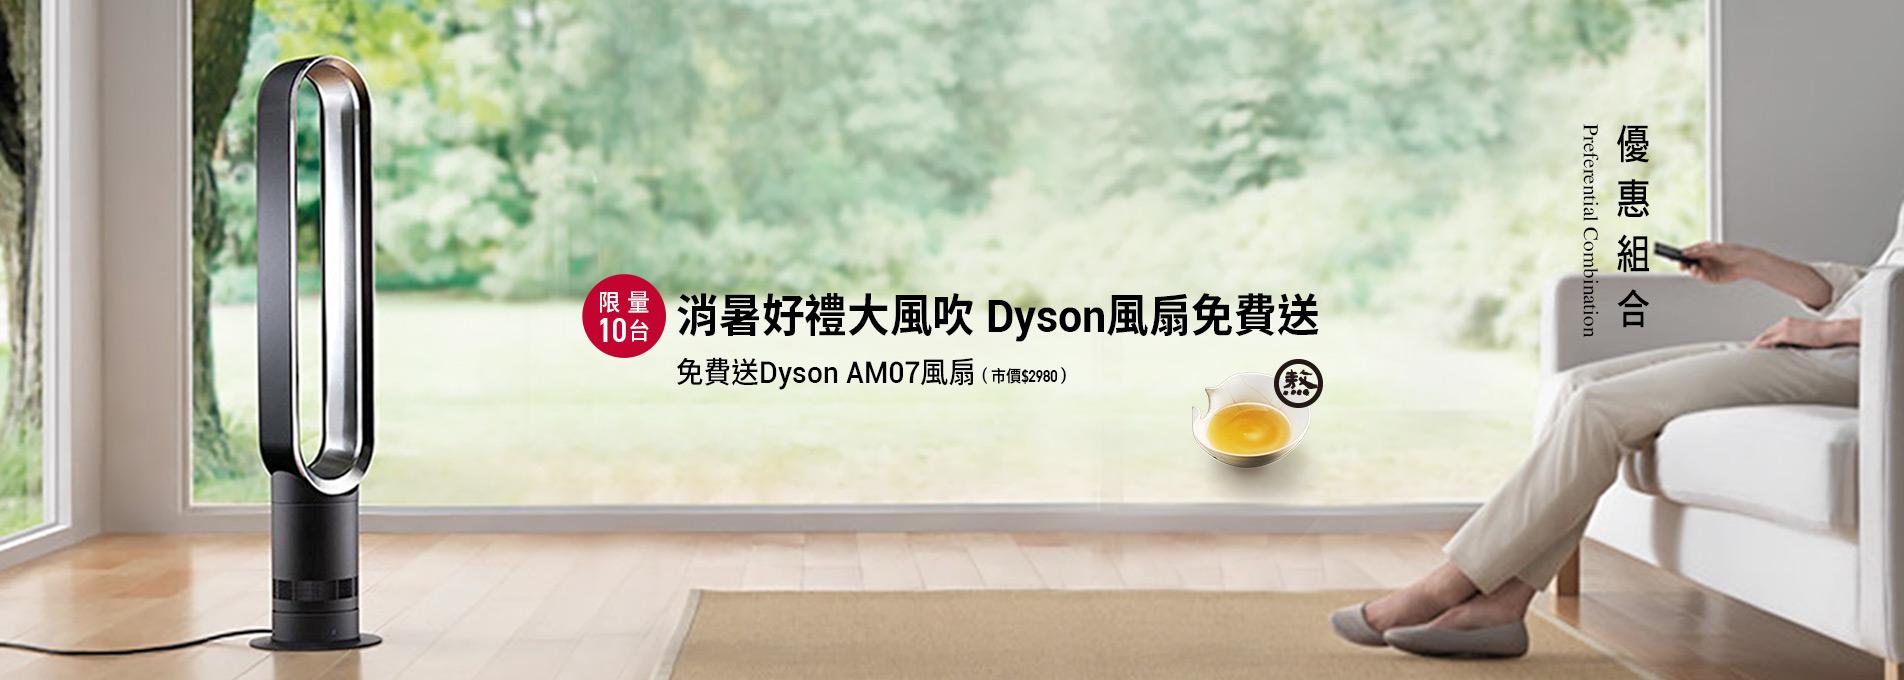 熬雞精禮盒(常溫/14入)15盒團購組【送Dyson AM07 風扇】